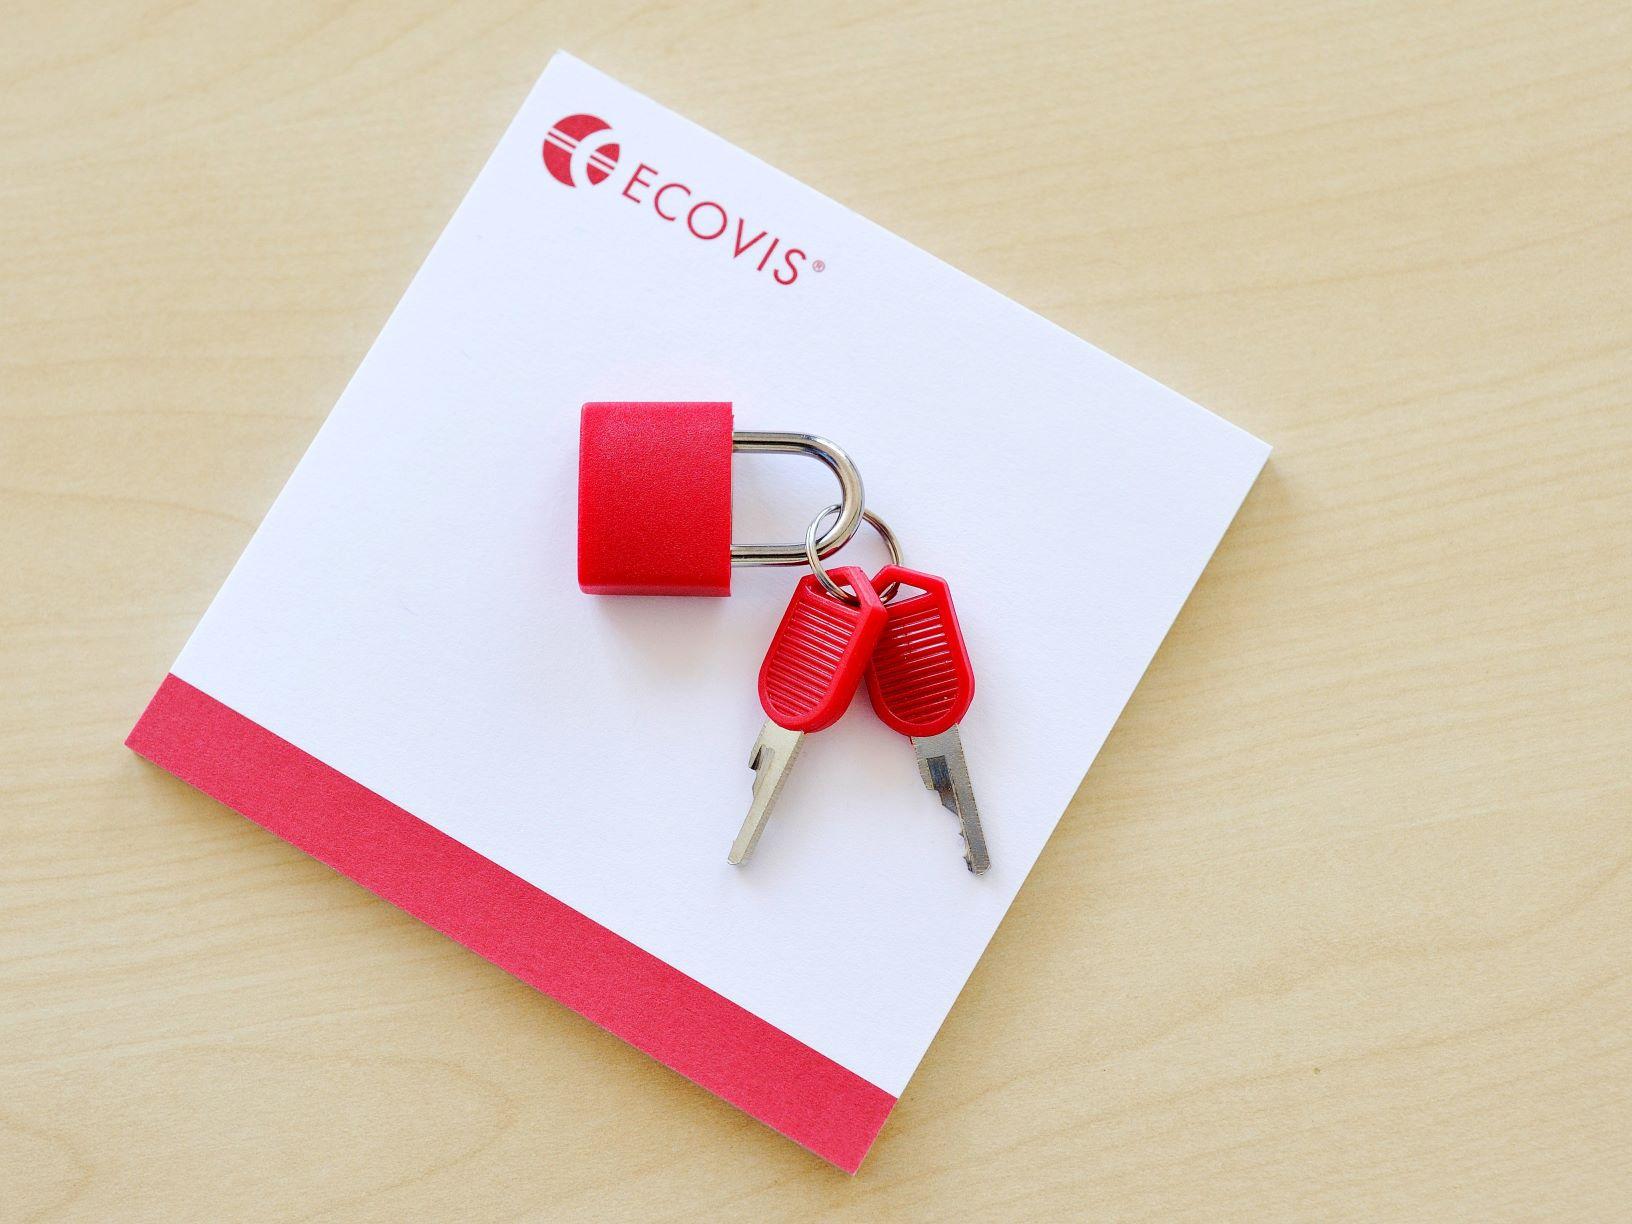 ECOVIS ježek změna nájmu prostor sloužících k podnikání COVID-19 koronavirus